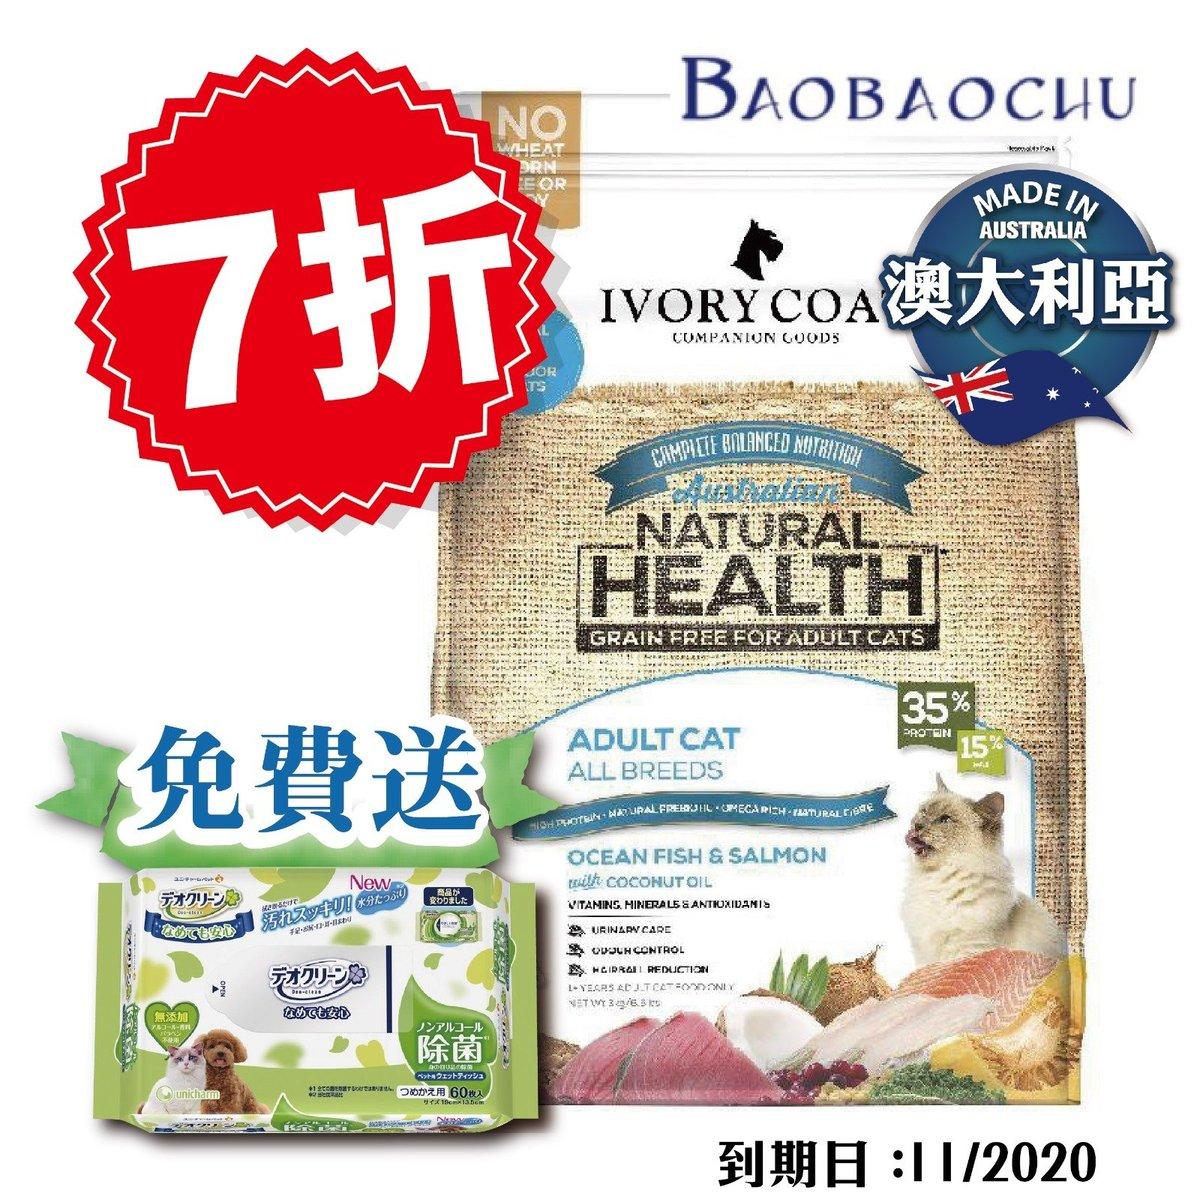 Cat Ocean Fish & Salmon w/ Coconut Oil- Adult cat 6kg (ICF-2834)- expiry: NOV 2020 (free wet tissue)